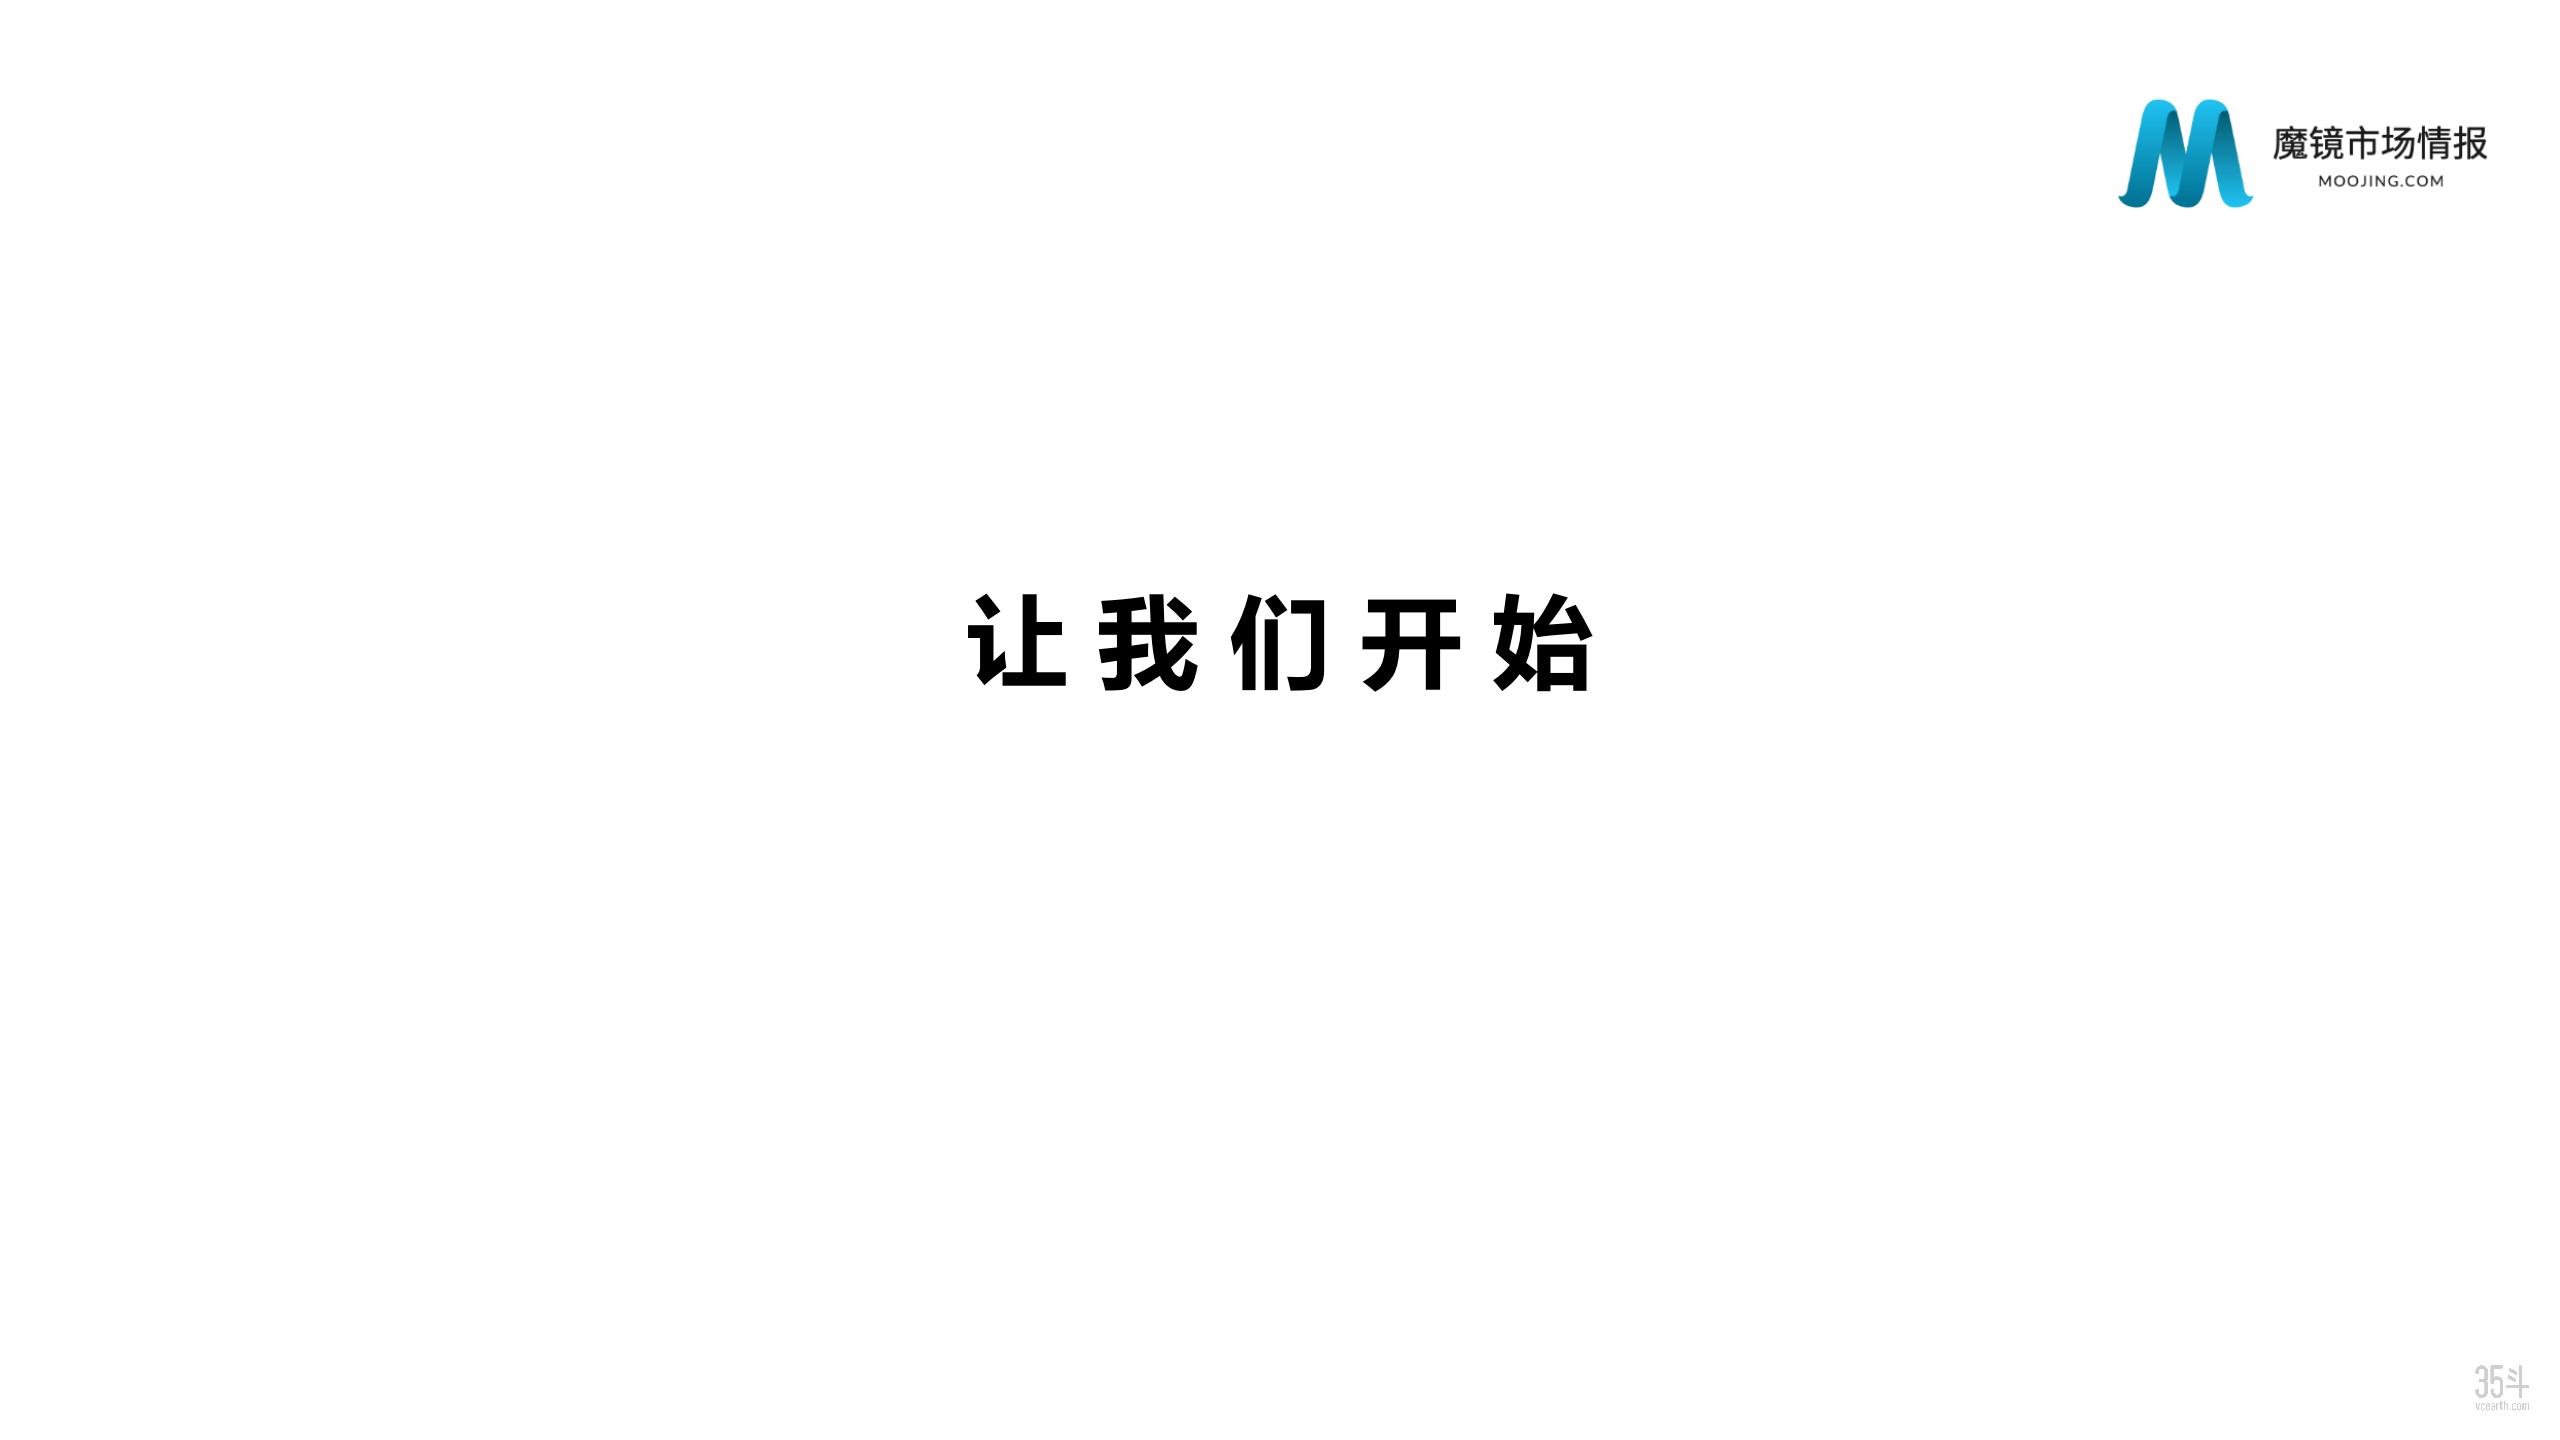 微信图片_20210204164015.png